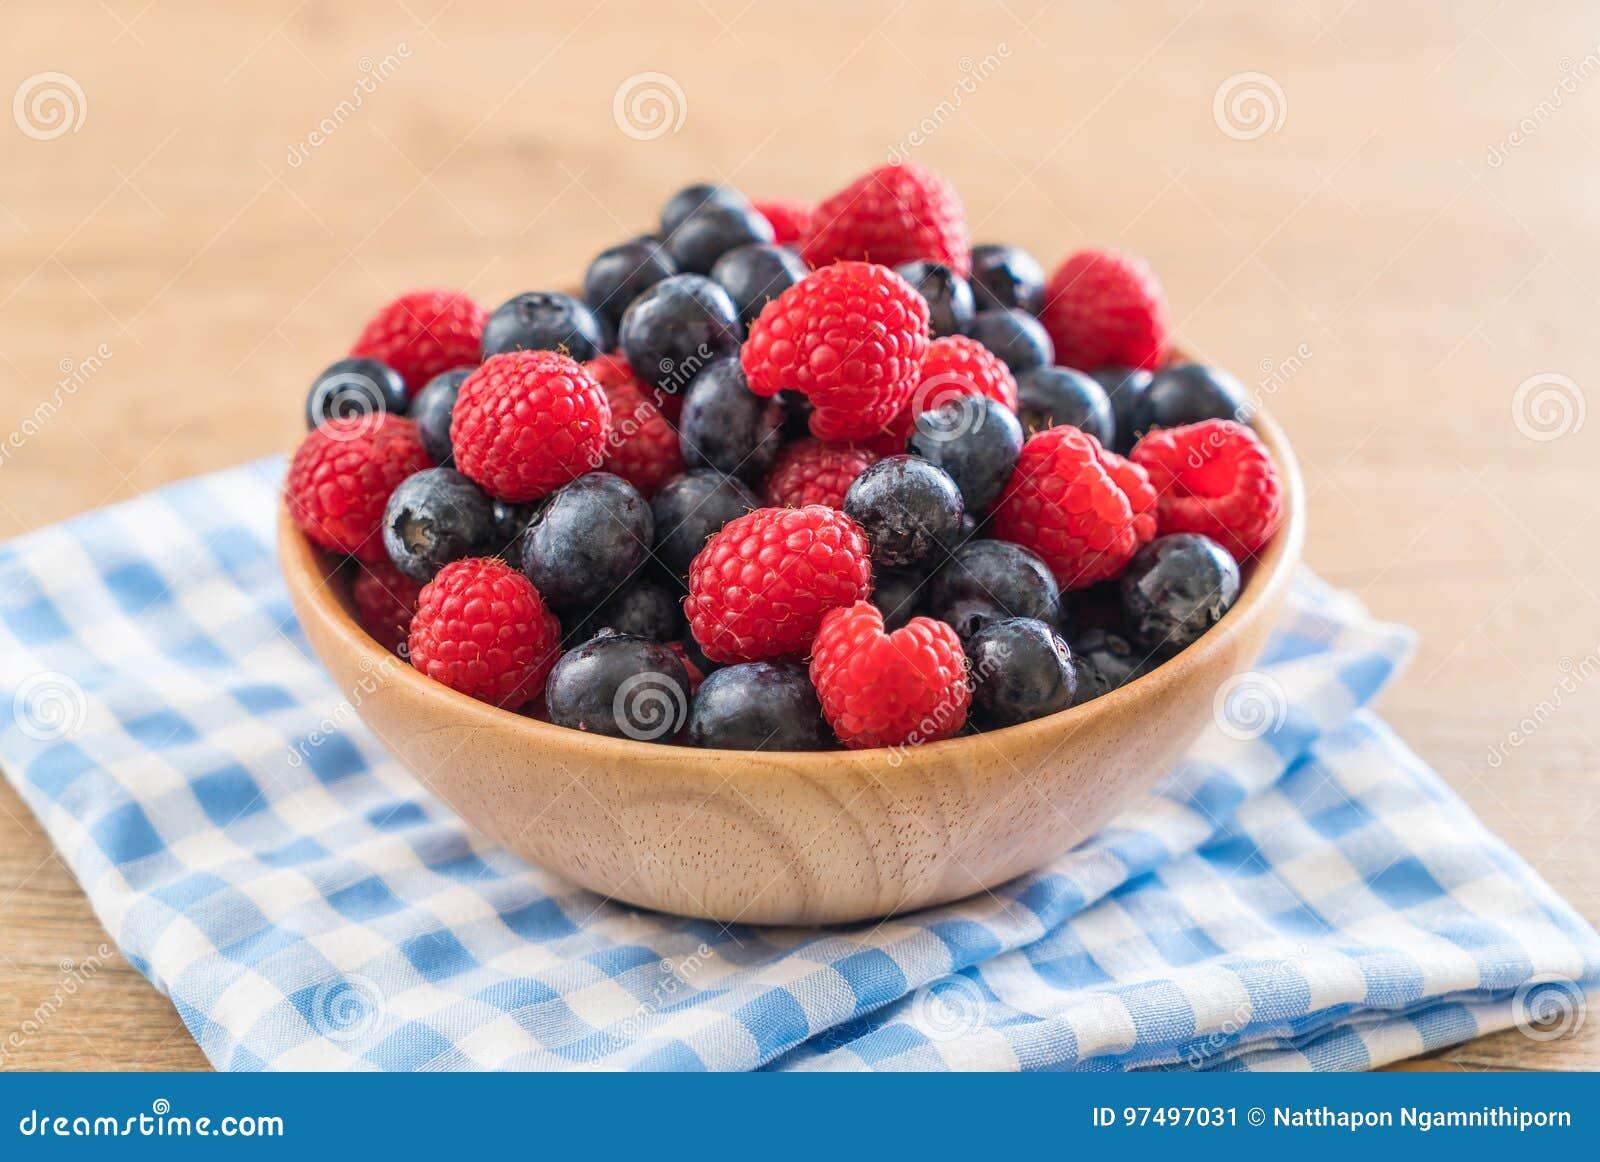 Mirtillo e rasberry freschi